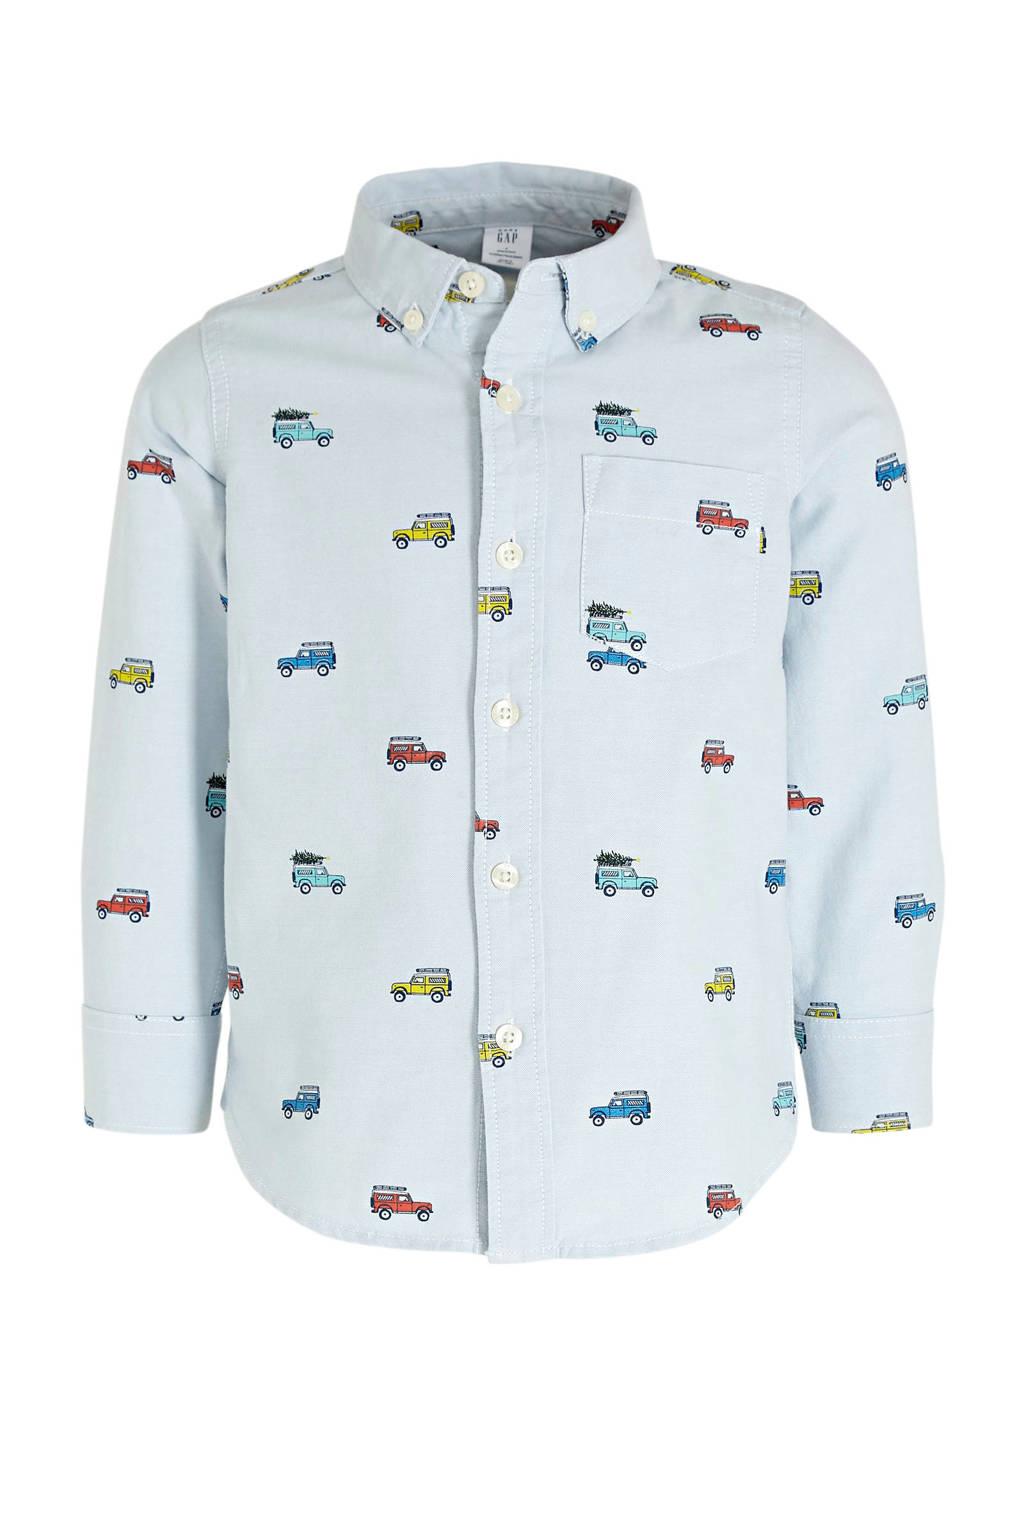 GAP overhemd Oxford met all over print lichtblauw, Lichtblauw